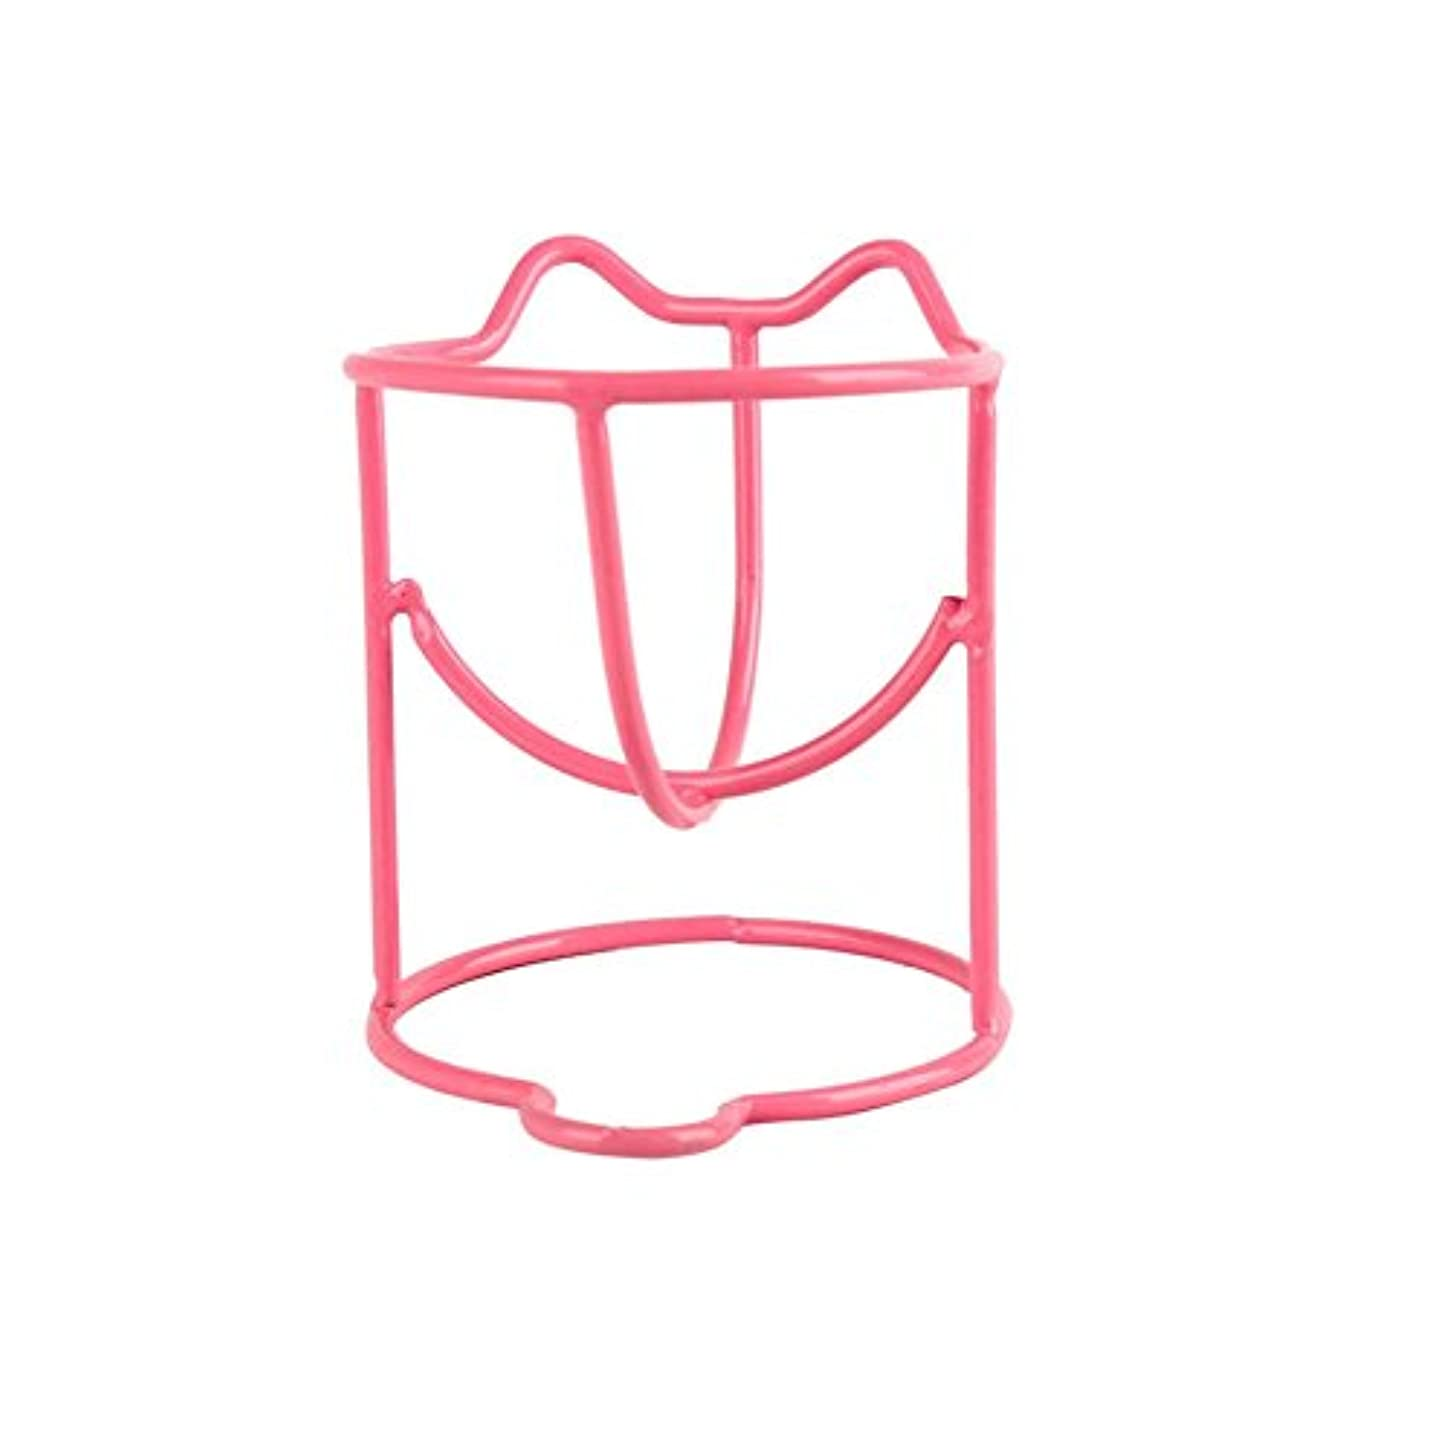 普及パトワジャズファッションメイク卵パウダーパフスポンジディスプレイスタンド乾燥ホルダーラックのセット